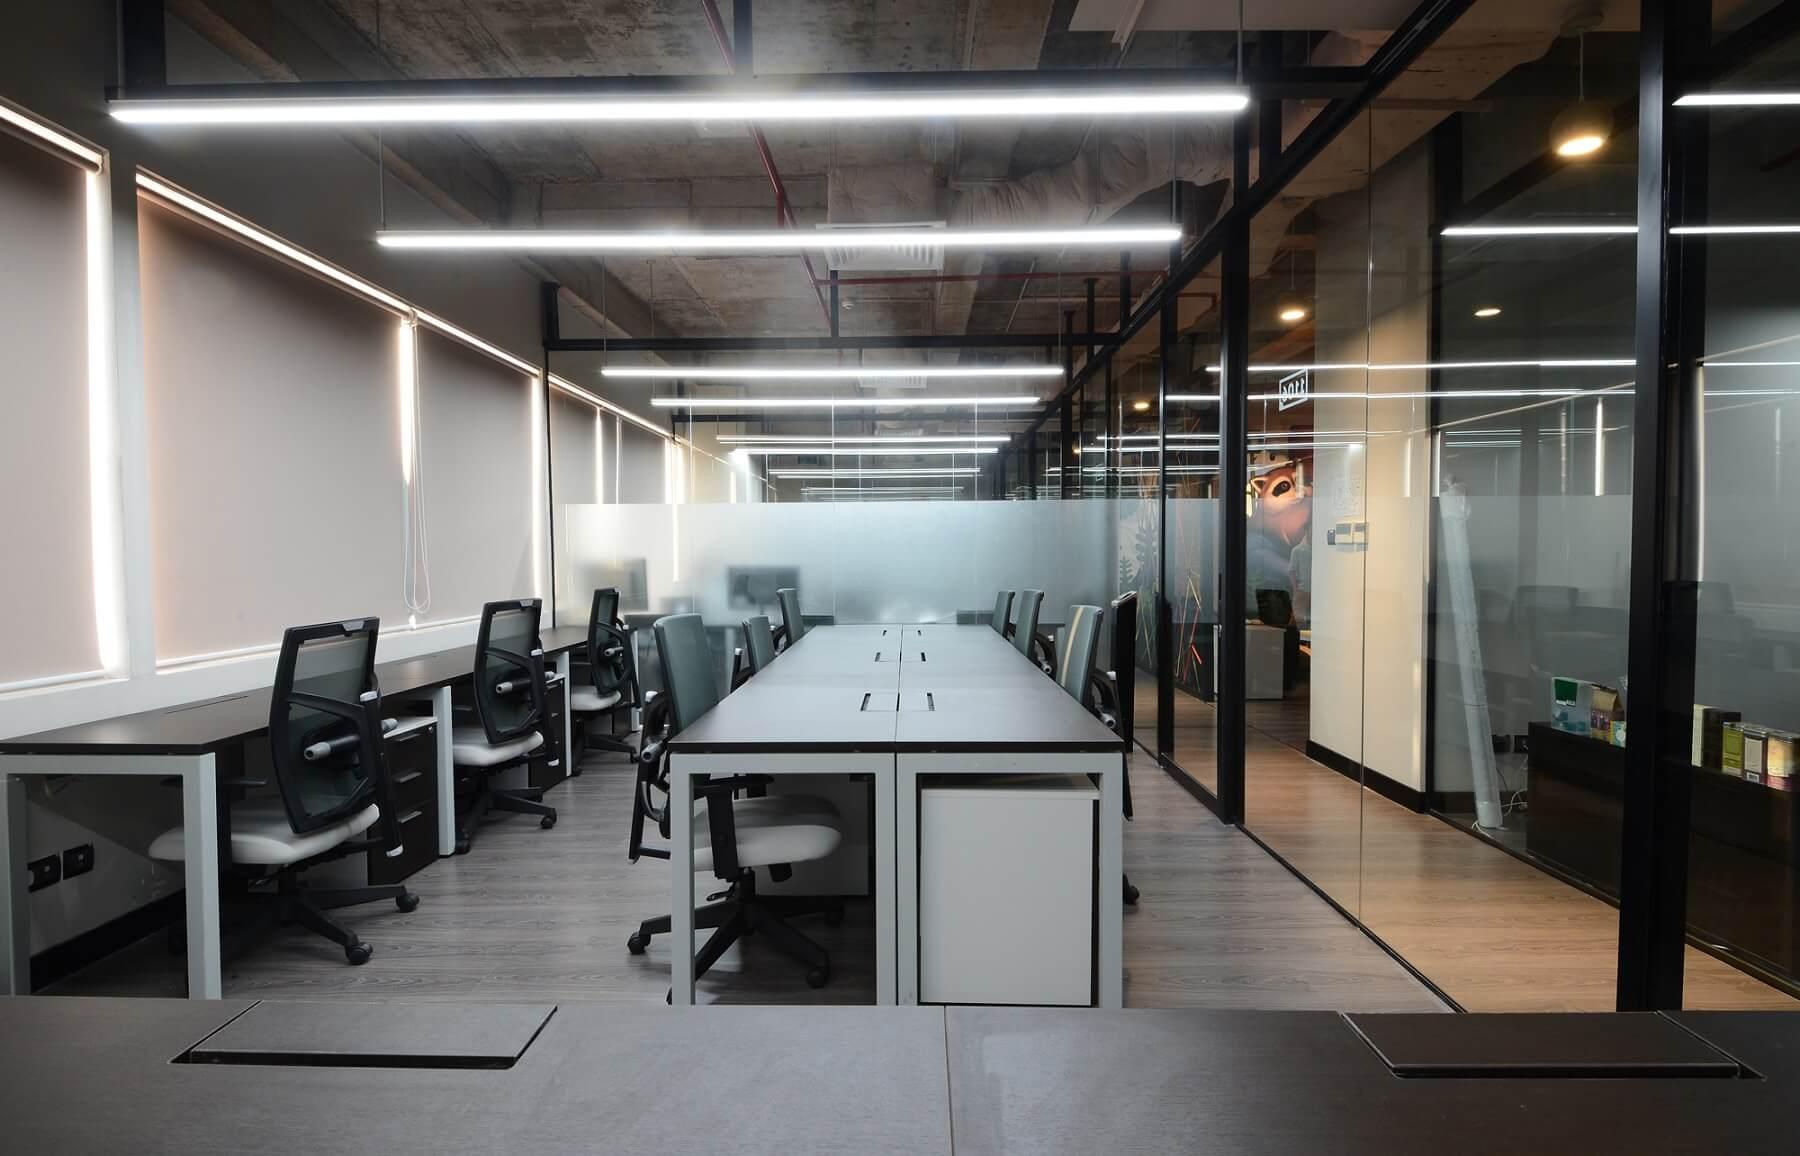 Deamplex được mệnh danh là ''tổ hợp của những giấc mơ khởi nghiệp'', gồm ba tầng, mỗi tầng rộng 500m2 tại tòa nhà Miss Áo Dài. Dreamplex có vốn đầu tư 10 tỉ đồng, hiện 35 phòng ở đây đều đã được thuê với giá từ 10 đến 25 triệu đồng một tháng.